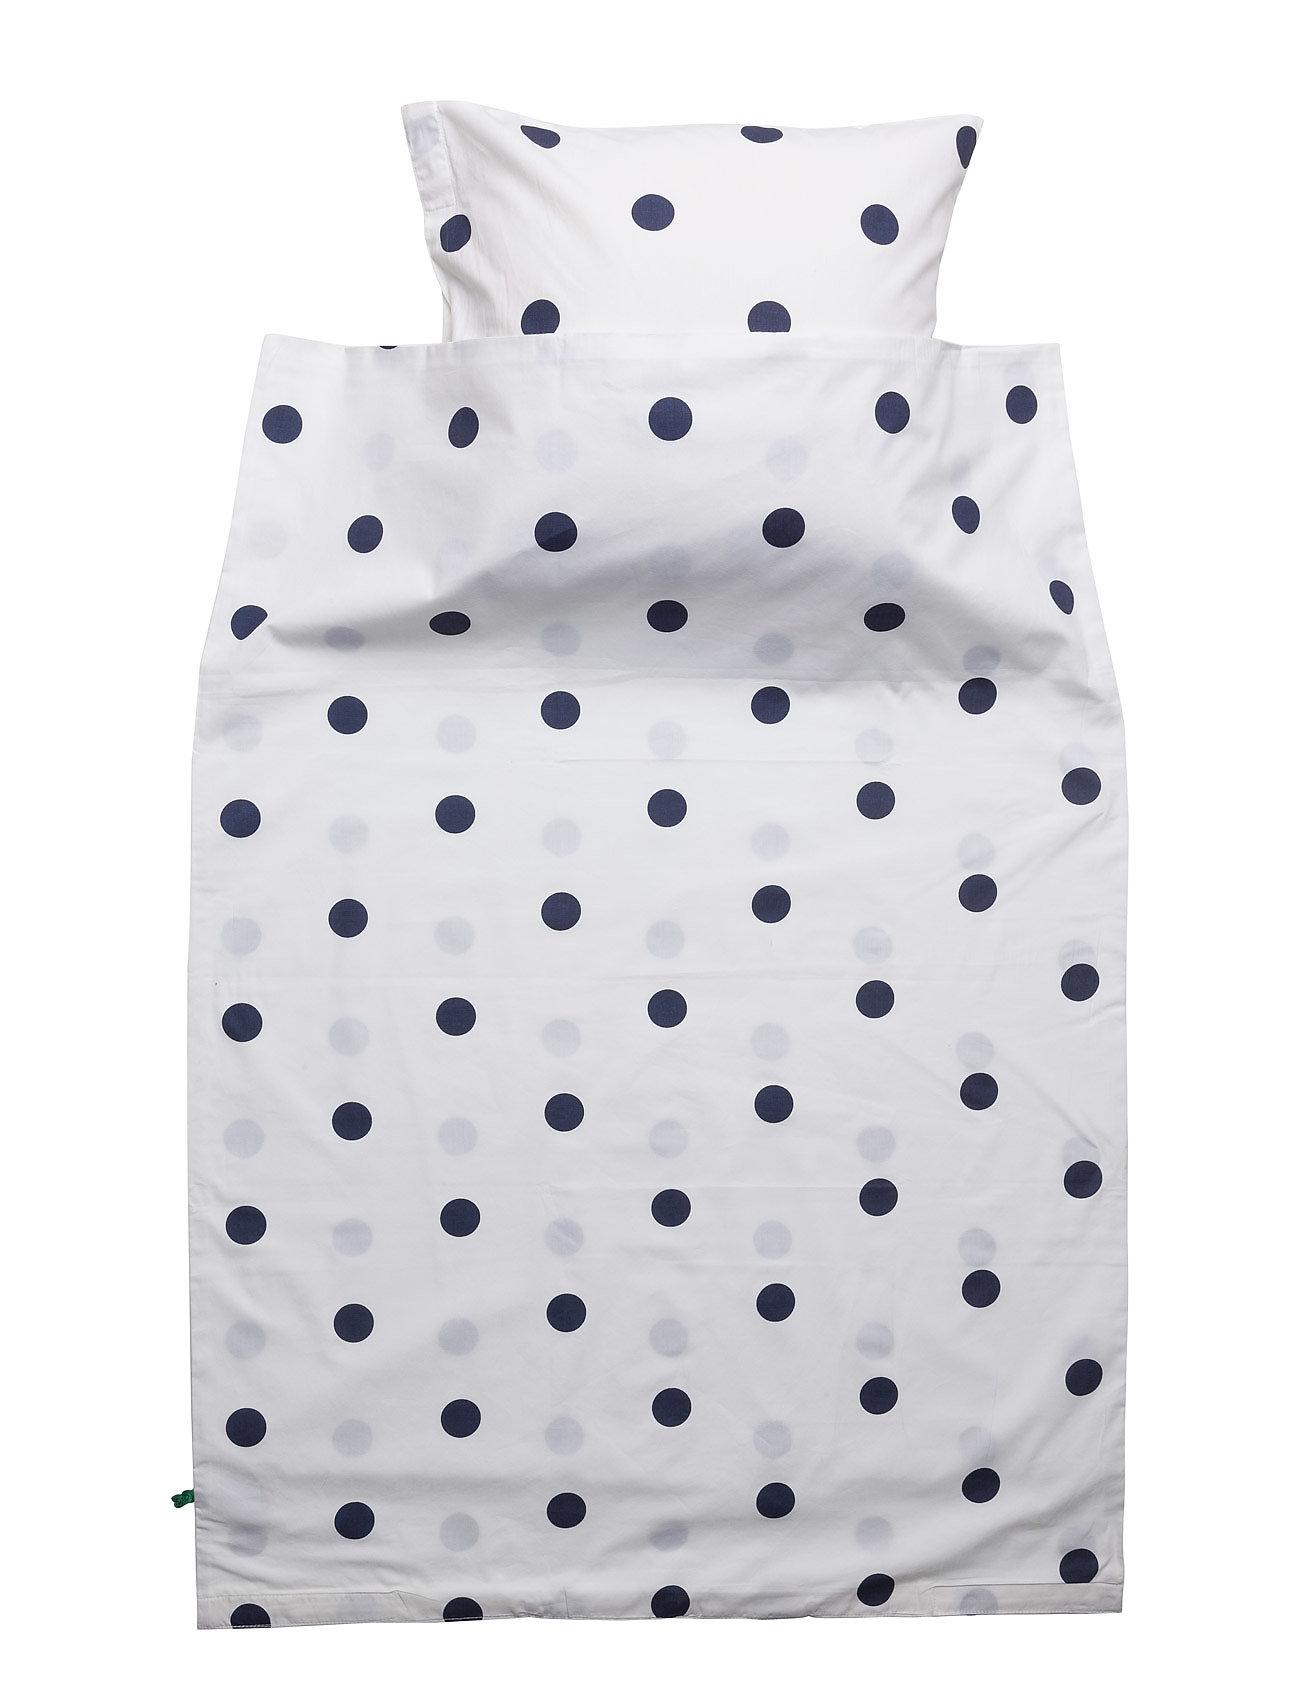 Dot Bed Linen Adult Freds World Sengetøj & Lagener til Børn i Navy blå